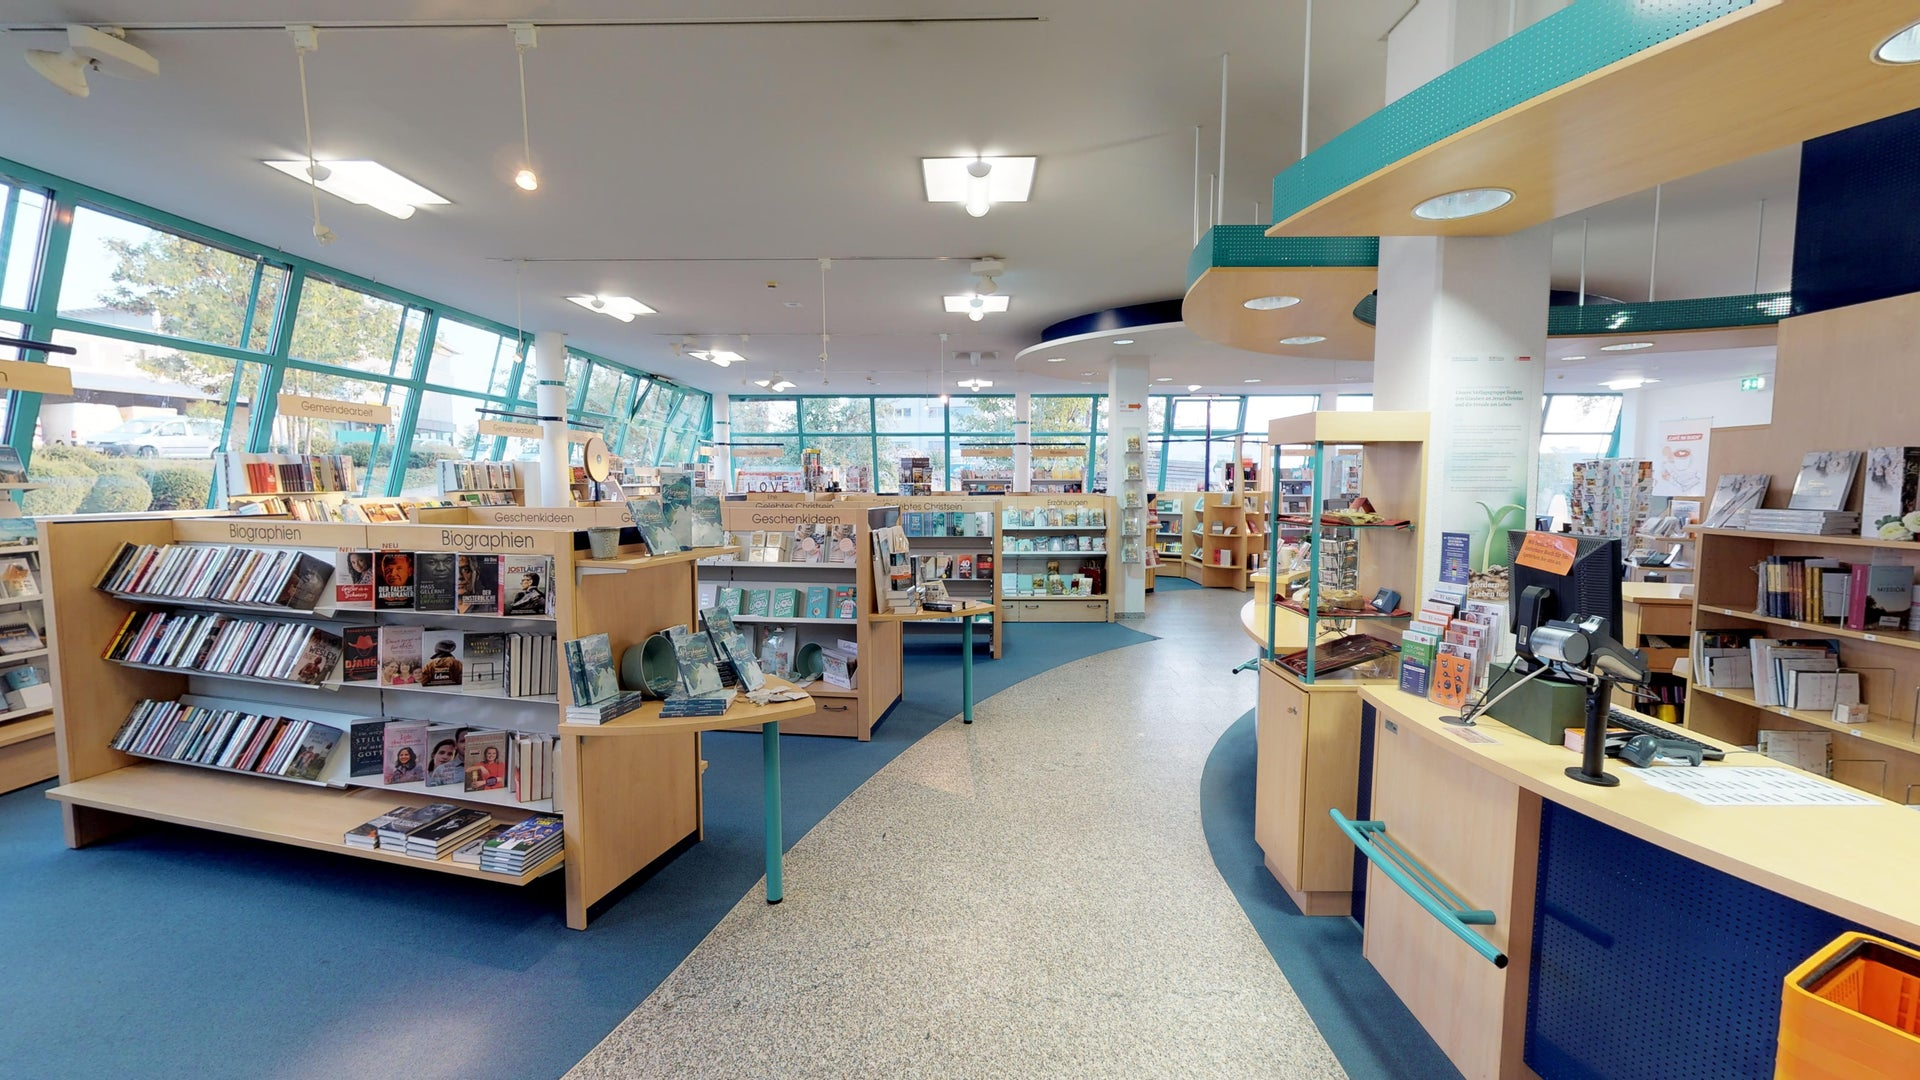 SCM Shop Hänssler Buchhandlung (Holzgerlingen)